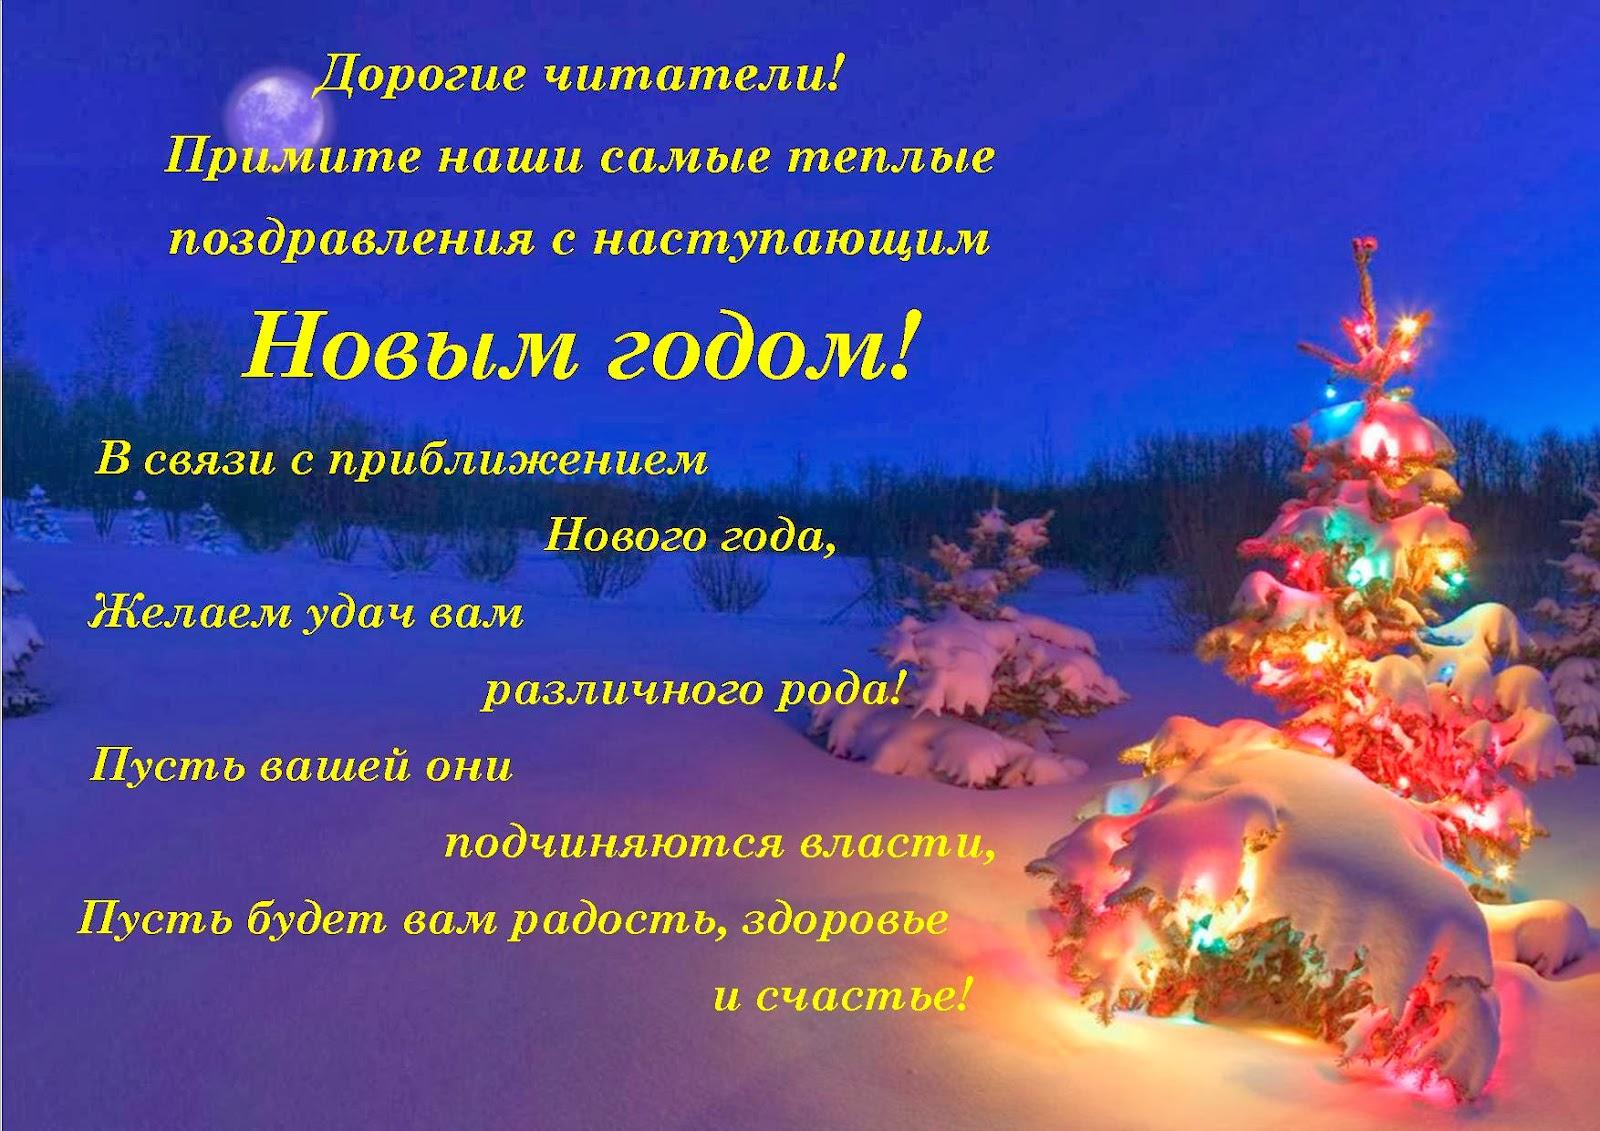 Новогодние теплые поздравления